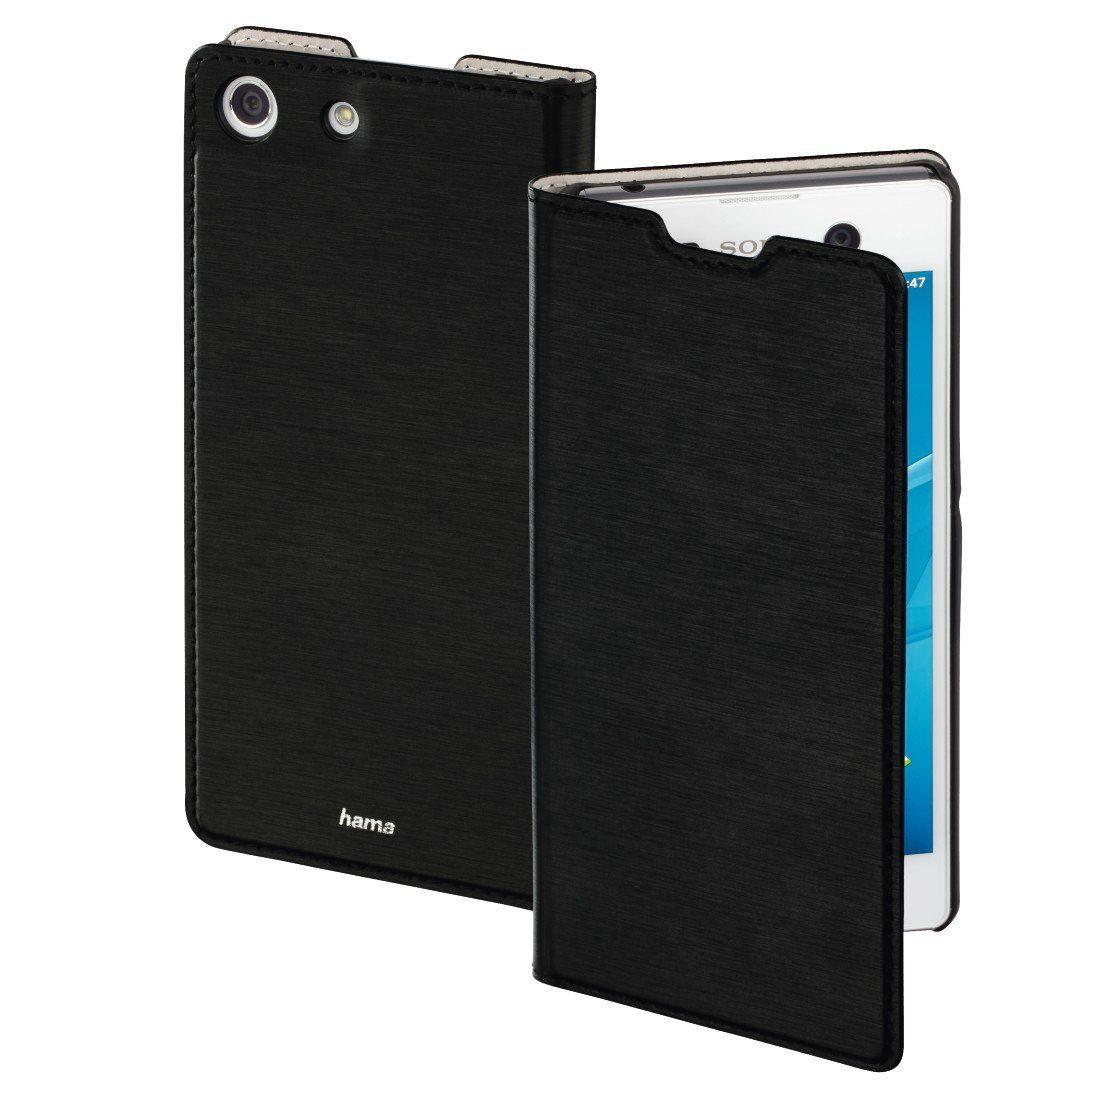 Hama Booklet Slim für Sony Xperia M5, Schwarz